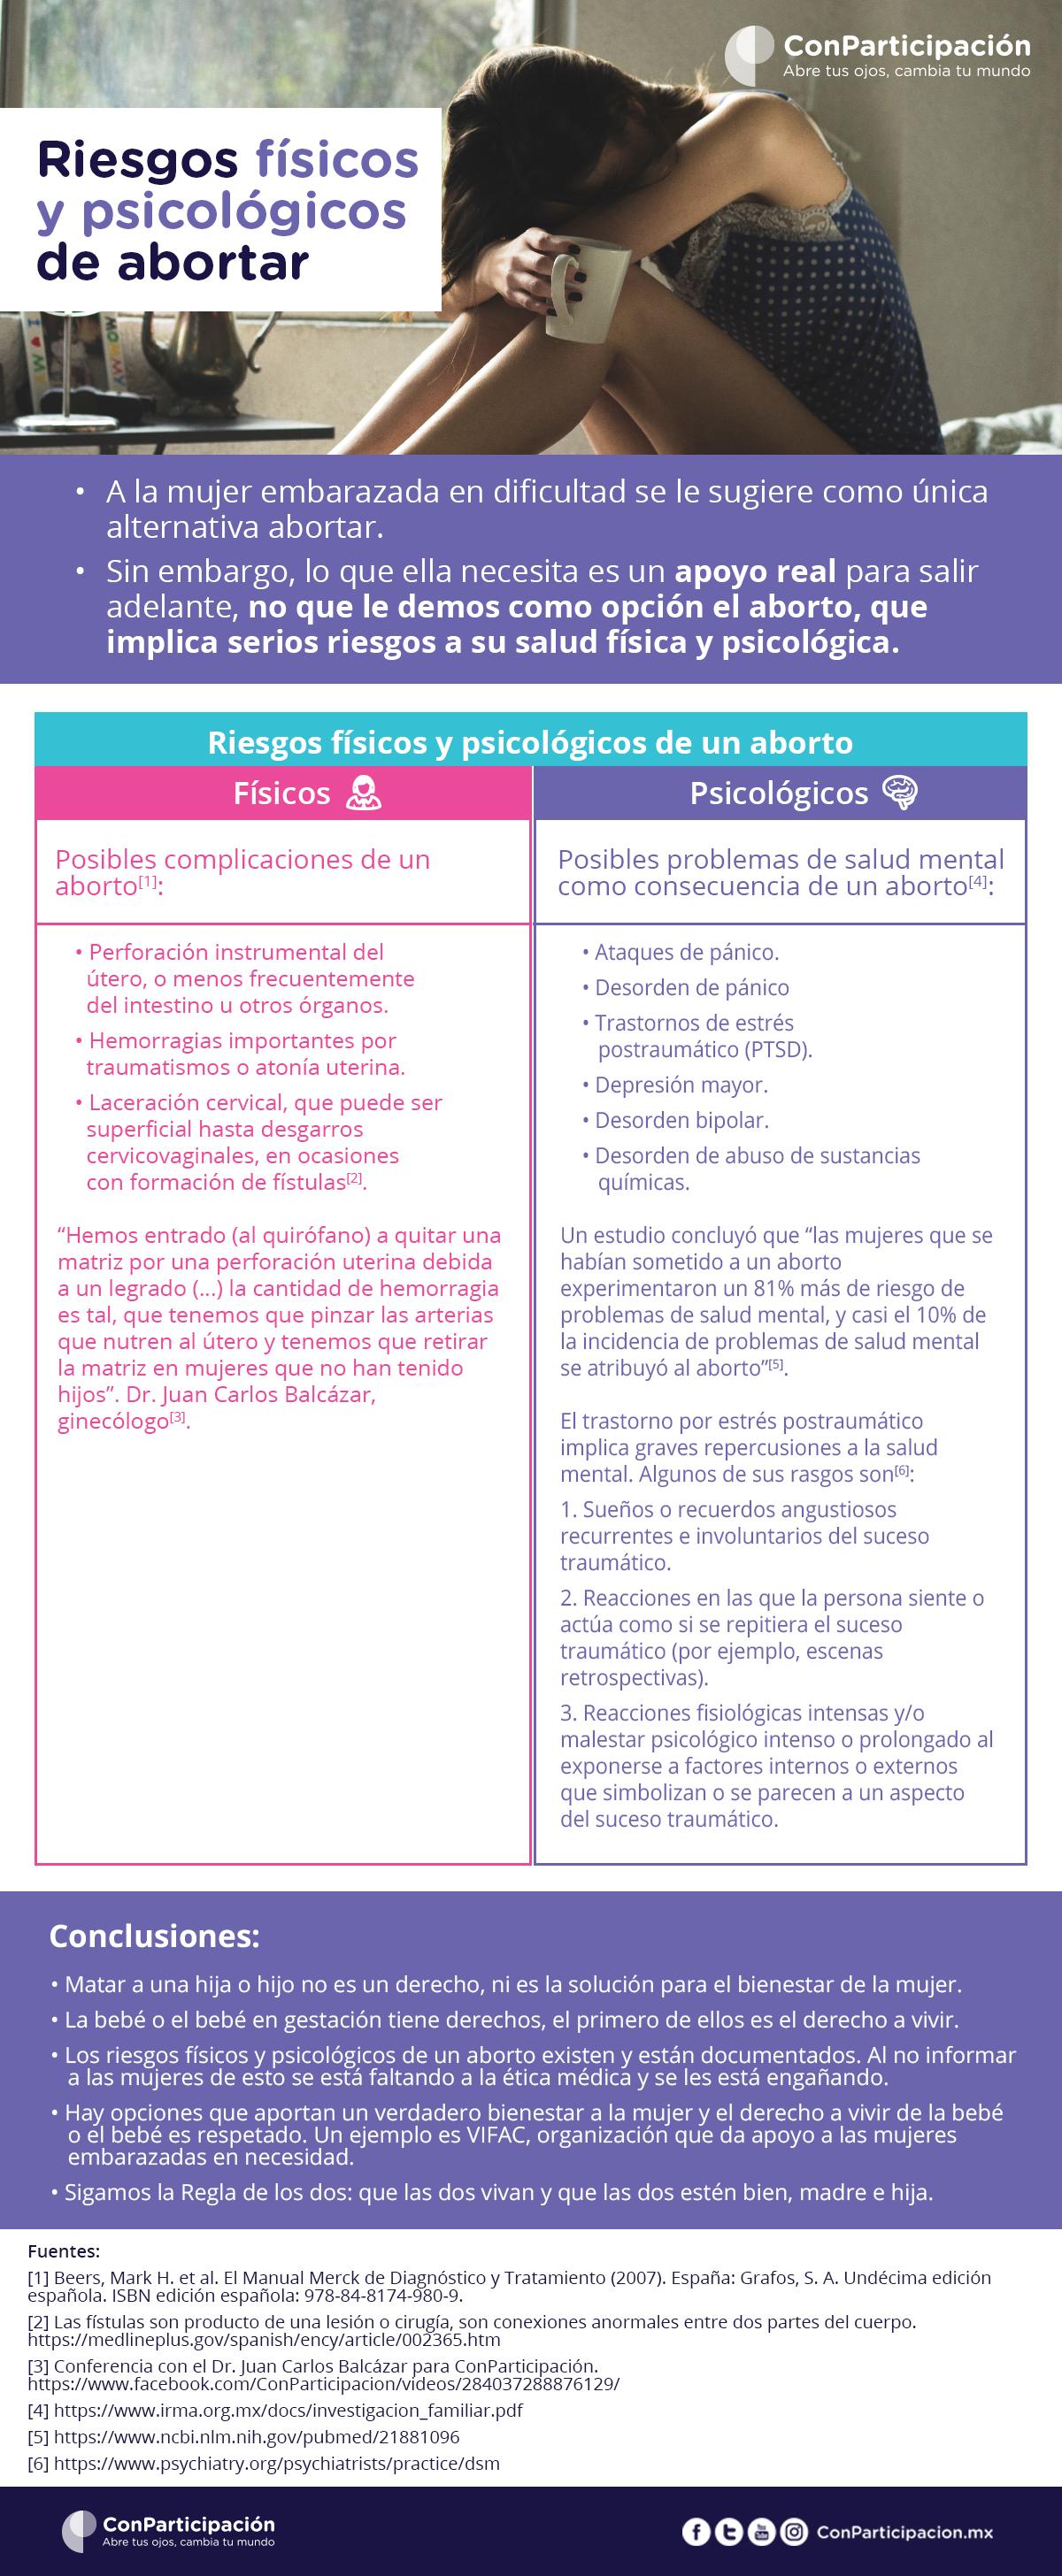 Riesgos físicos y psicológicos de abortar